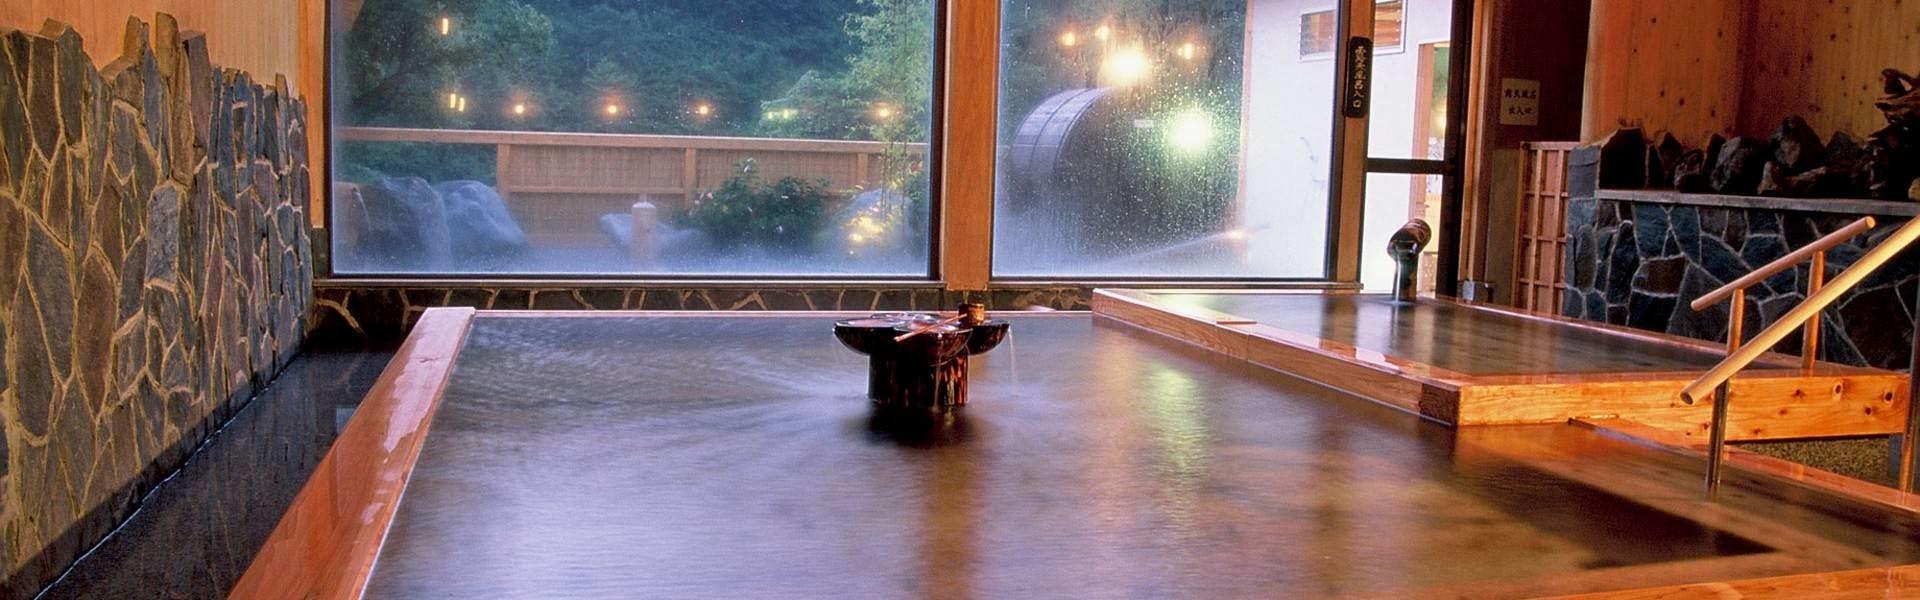 記念日におすすめのホテル・飲泉、自家源泉かけ流しの秘湯 観音温泉の写真3